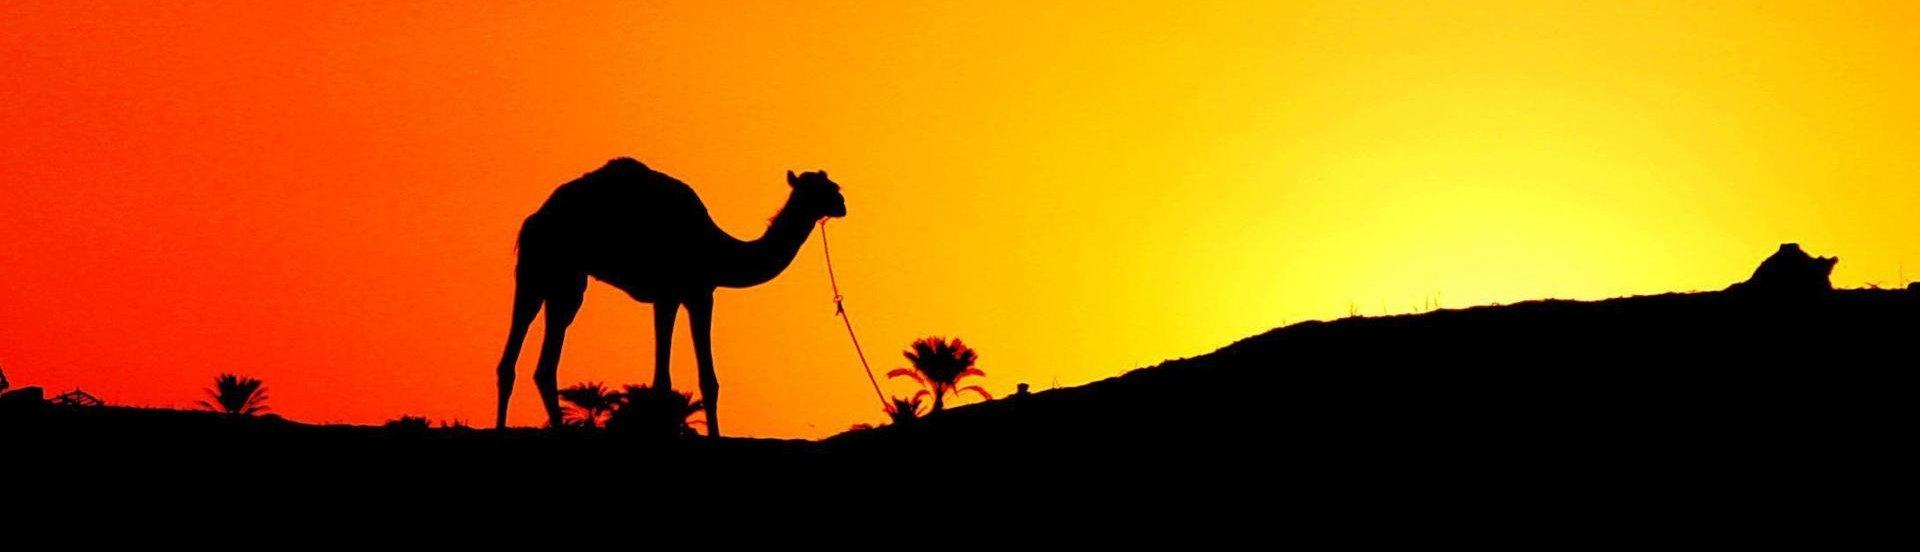 Тур в египет лучшая цена в москве